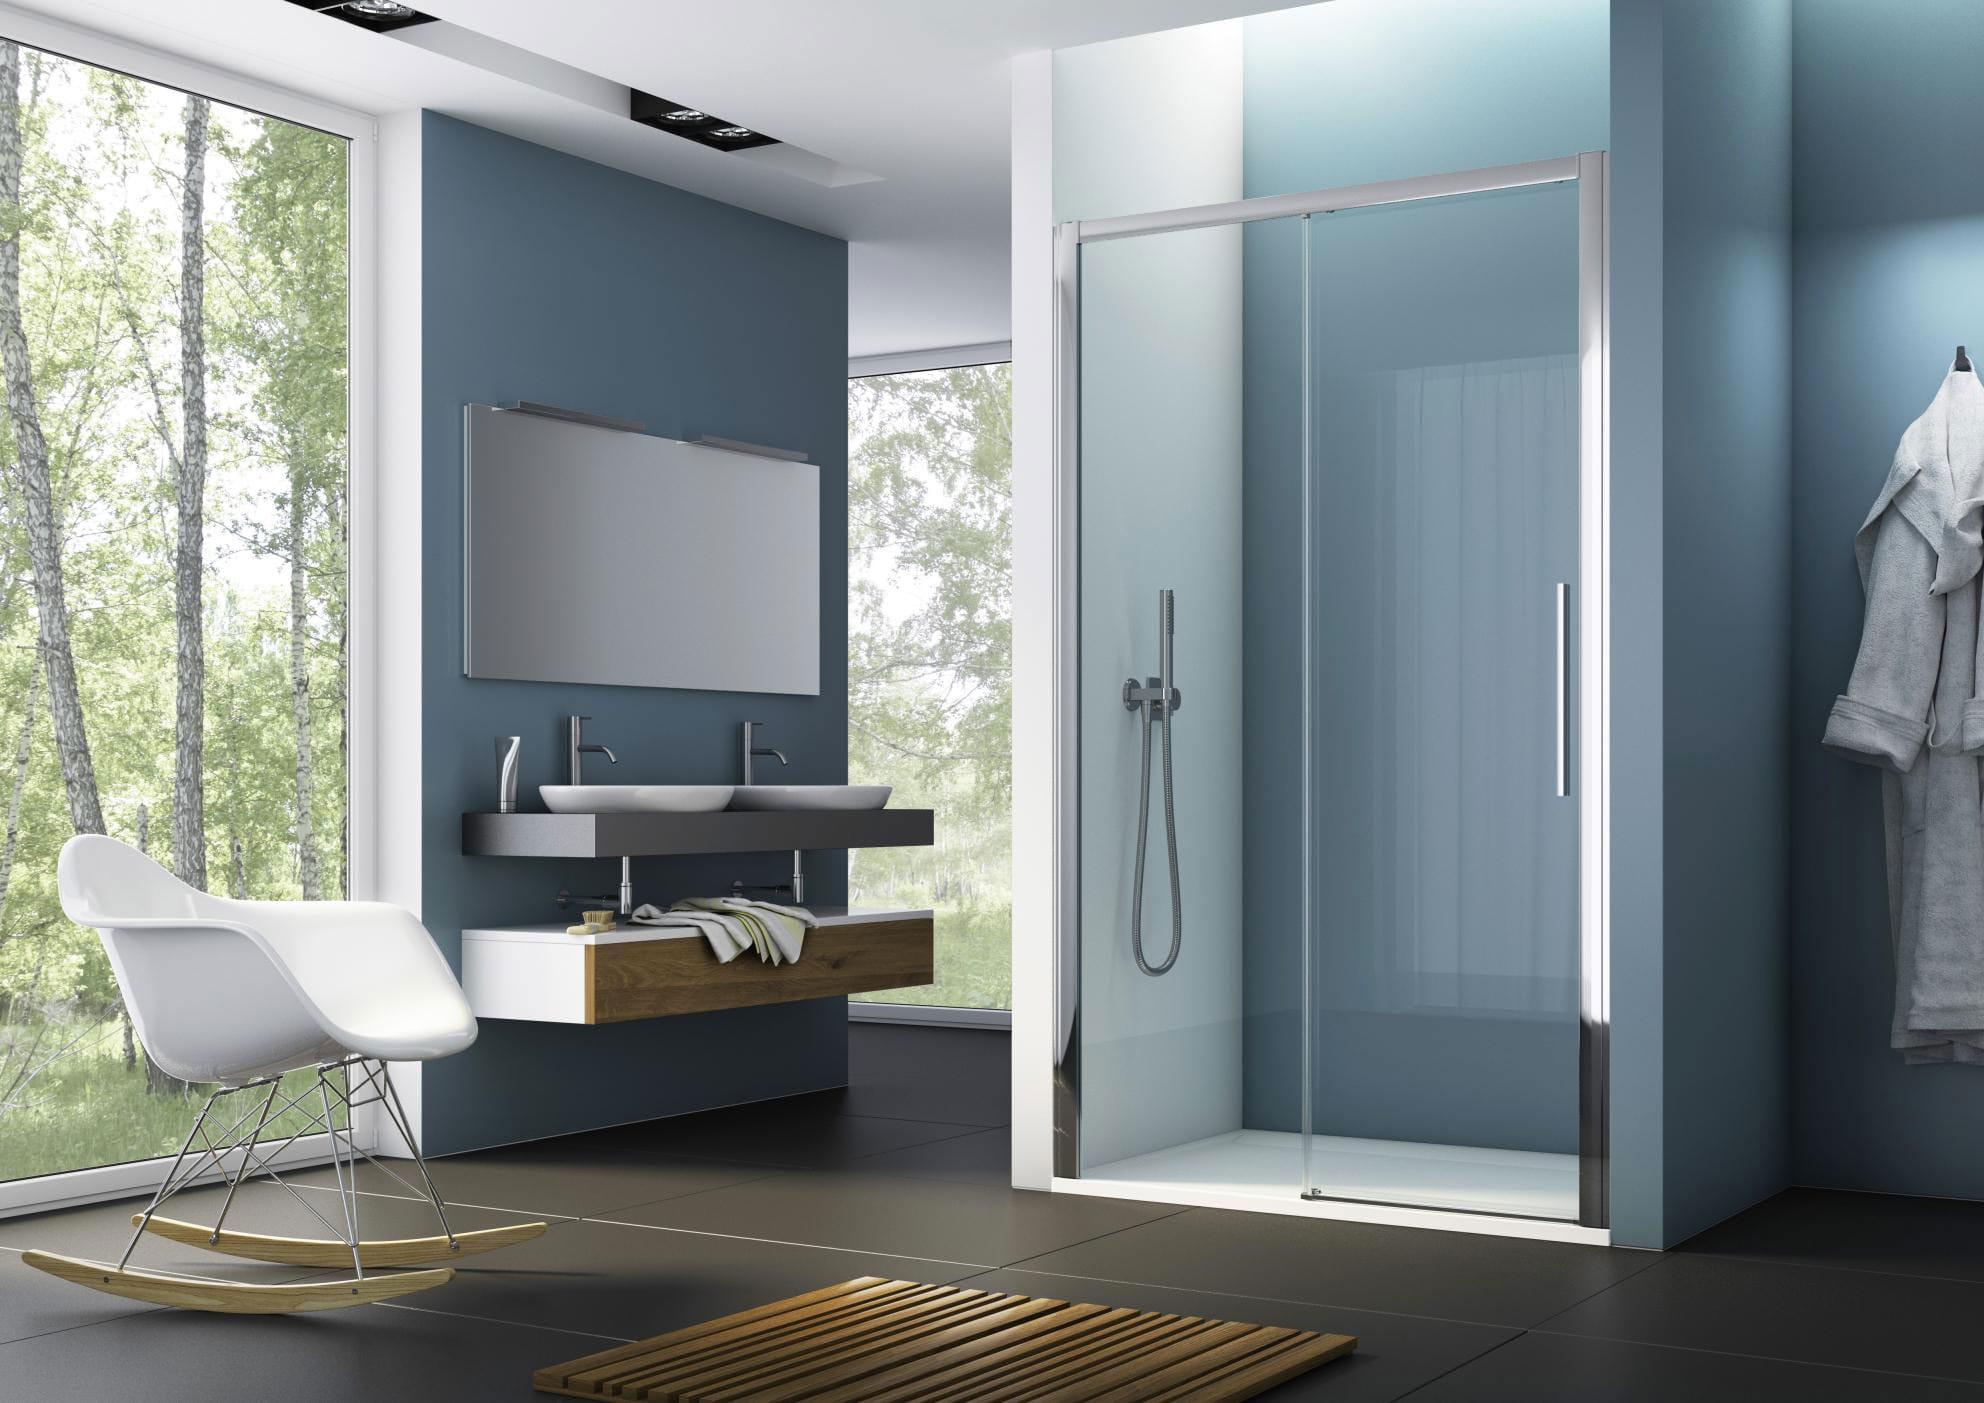 Créer Une Salle D Eau idée agencement salle de bain – lapeyre